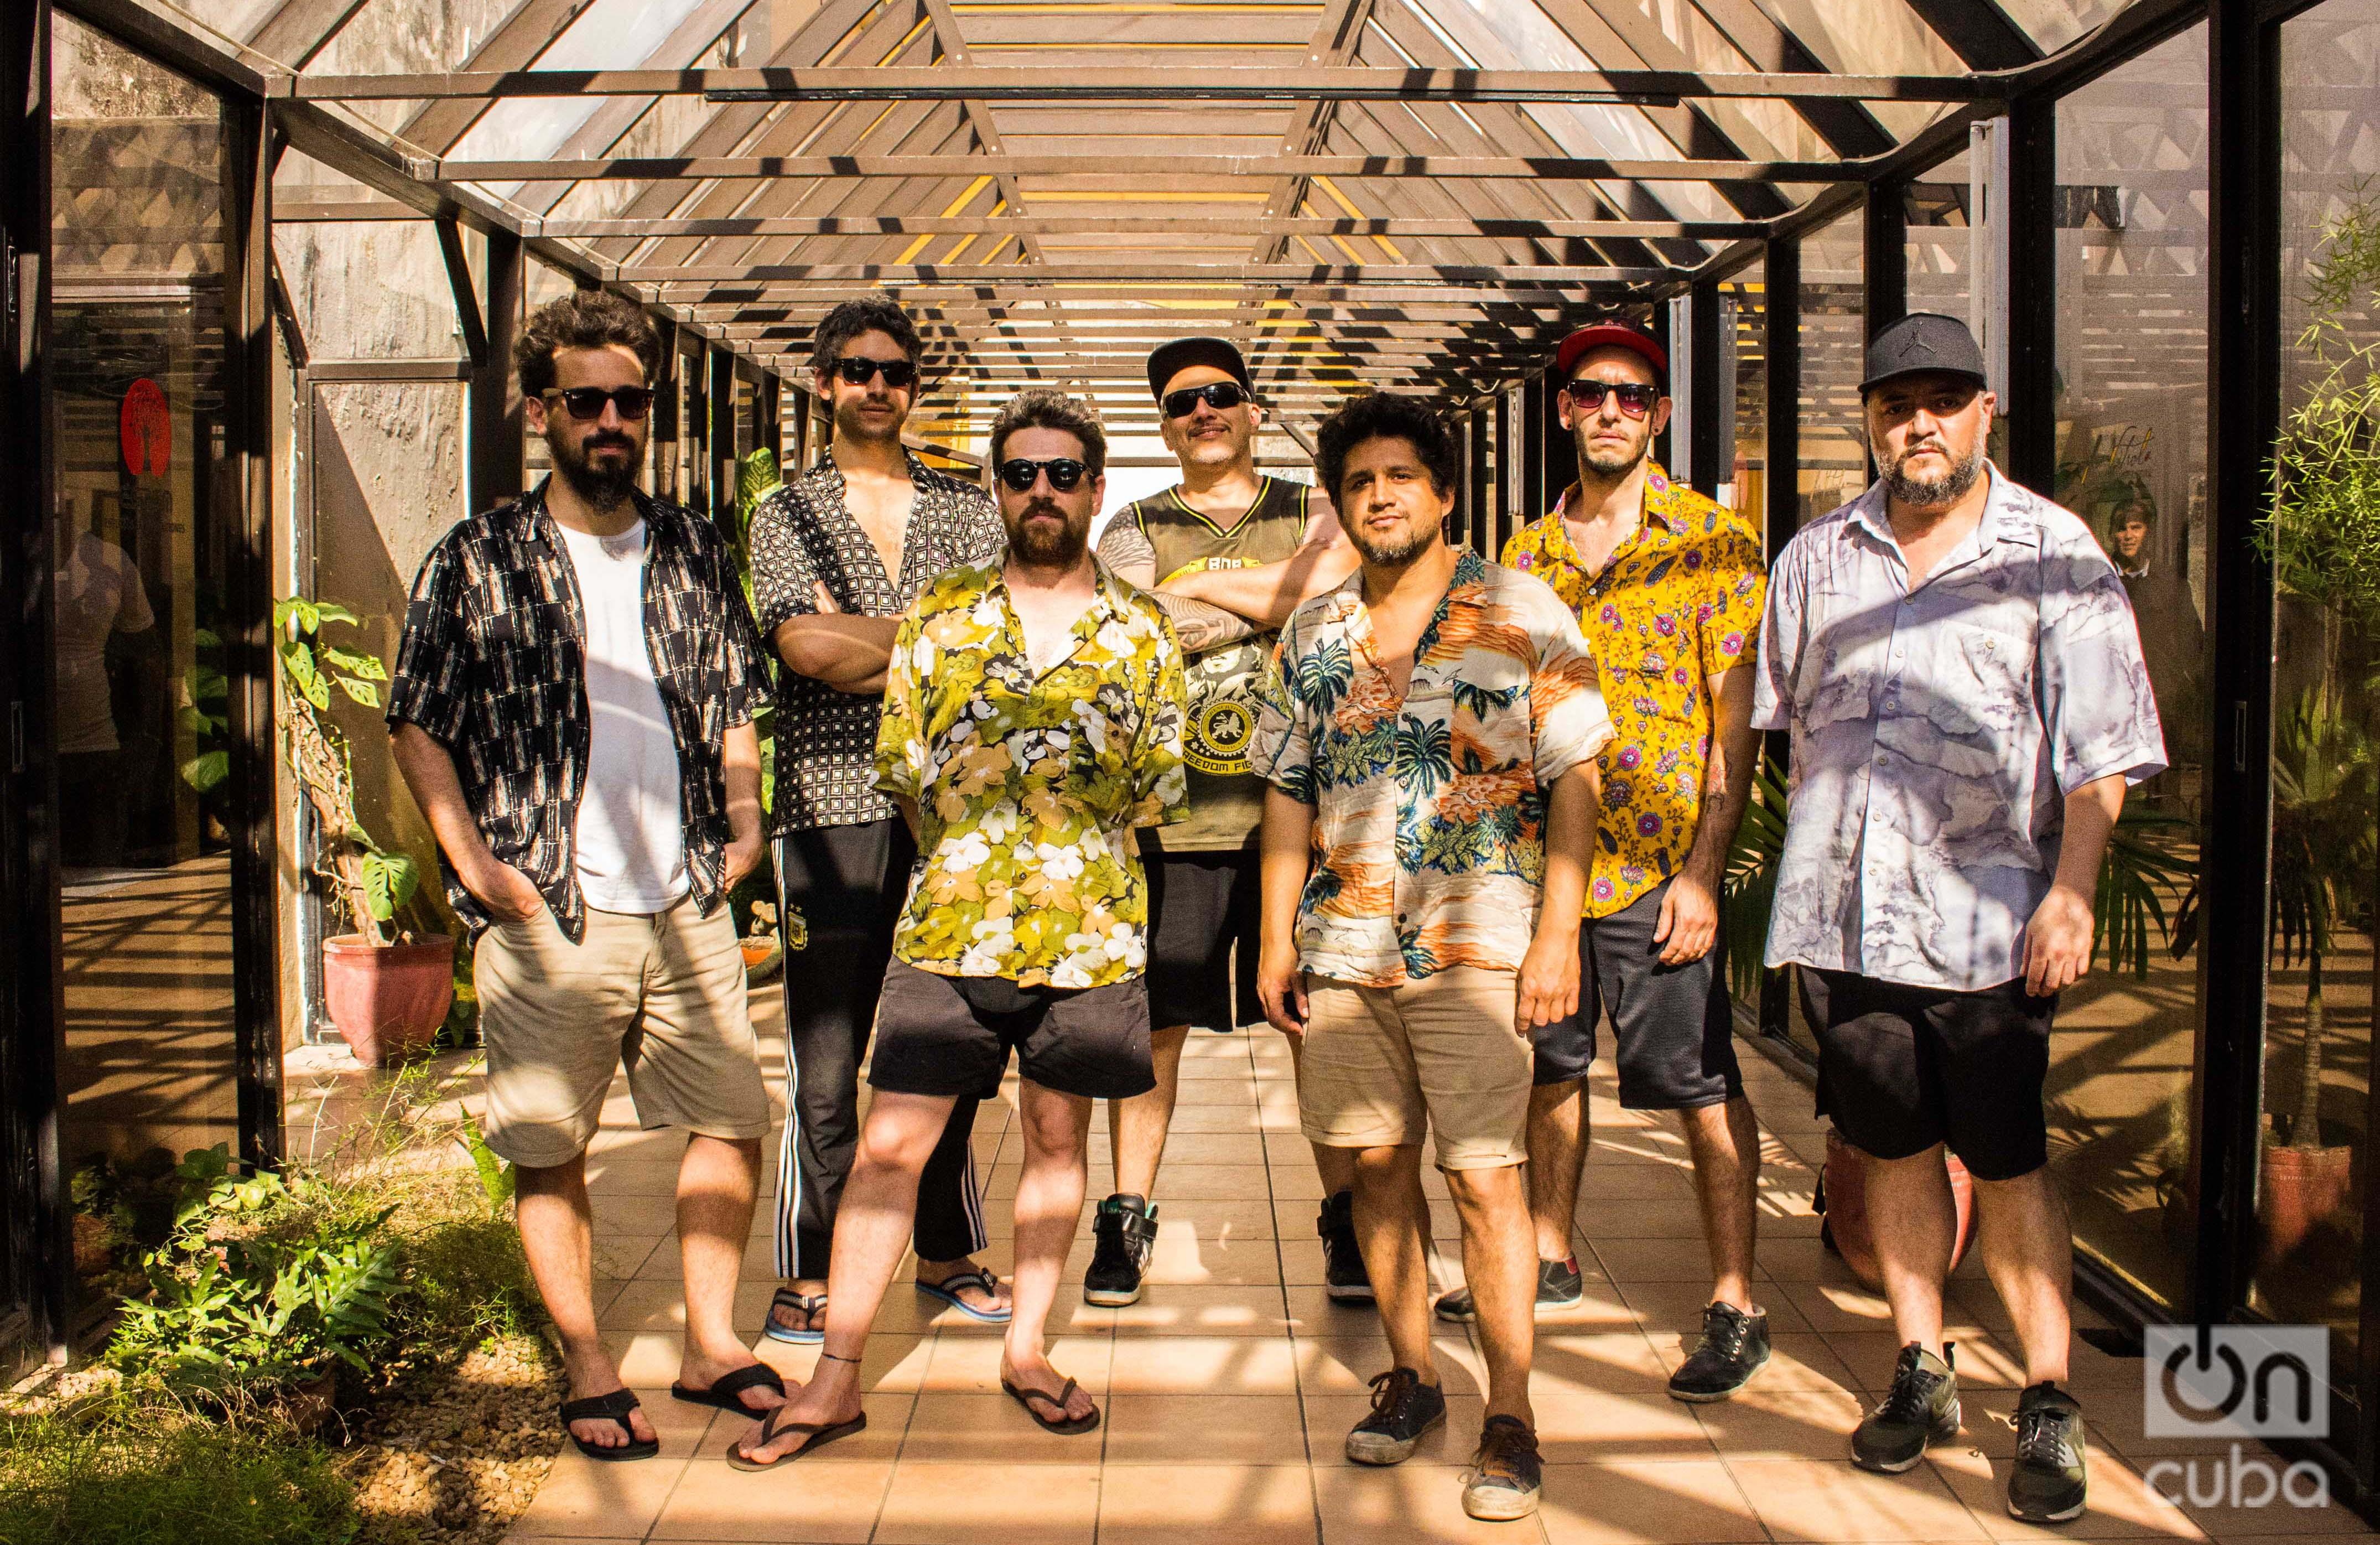 Con este viaje a Cuba Los Espíritus también quieren conocer y empaparse de la música de la Isla. Foto: Rosario Ojeda.